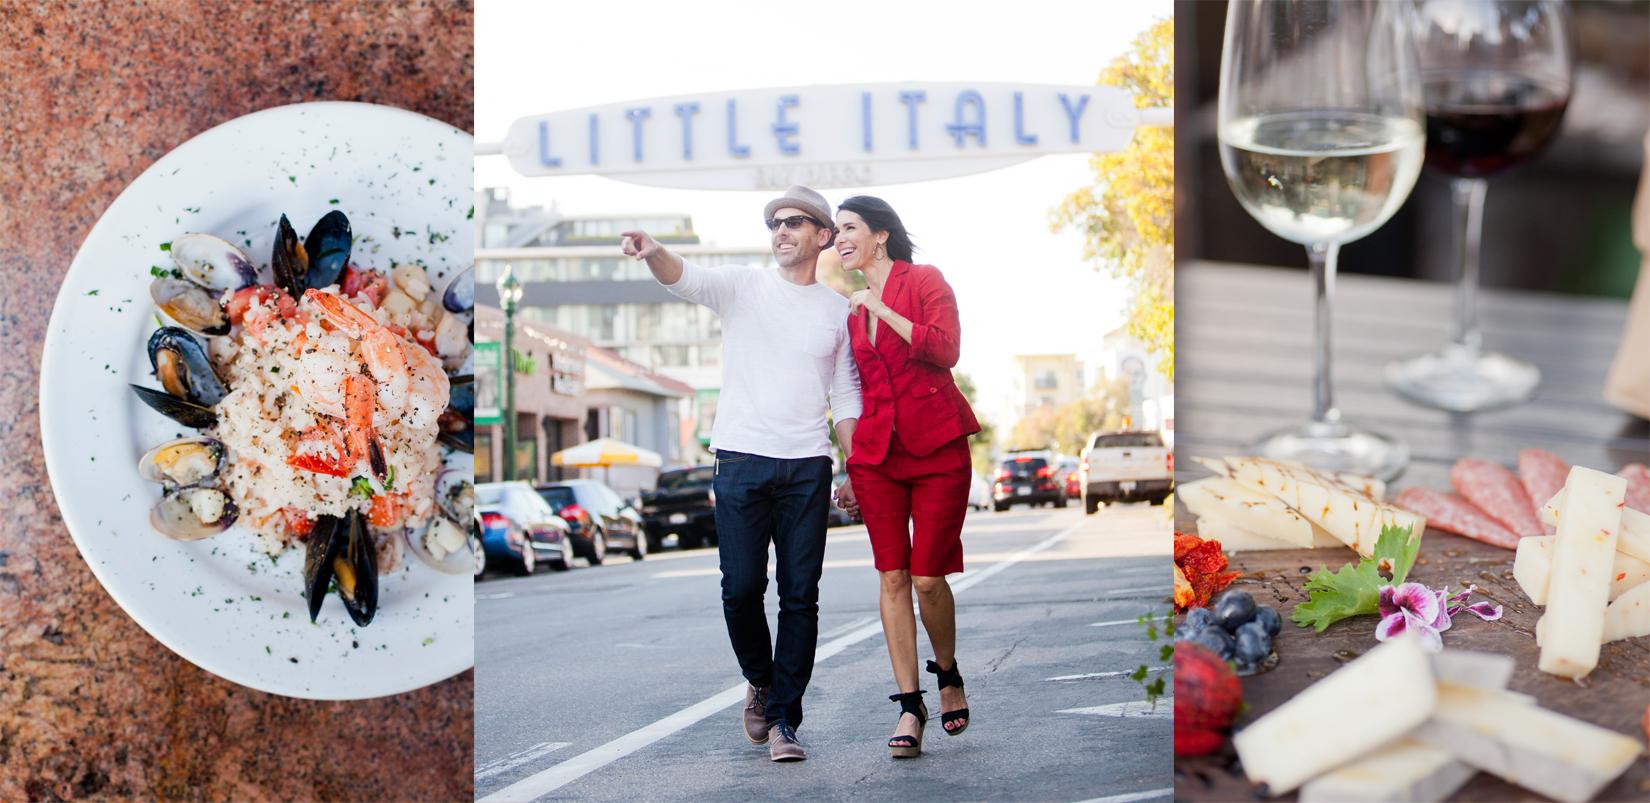 Taste Of Little Italy Little Italy San Diego